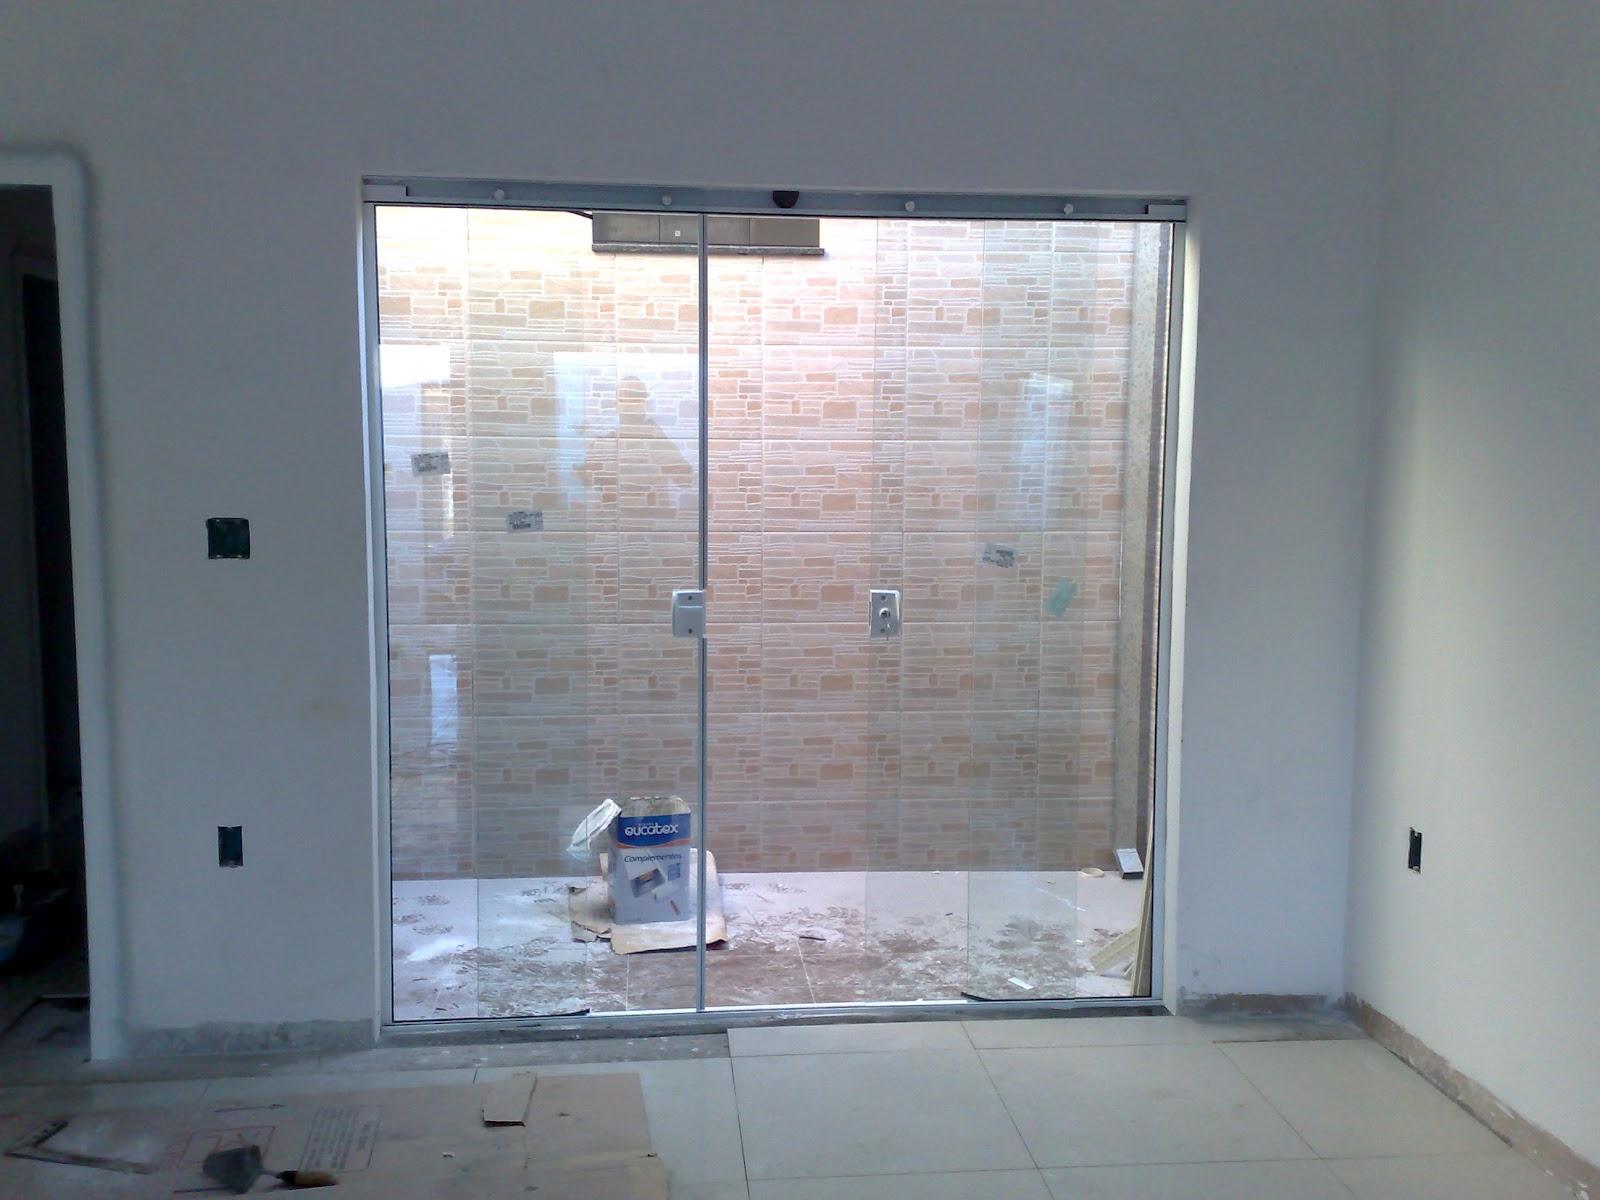 da minha primeira casa: Vidros Blindex instalados e Porcelanato #181E24 1600x1200 Banheiro Com Paredes De Blindex